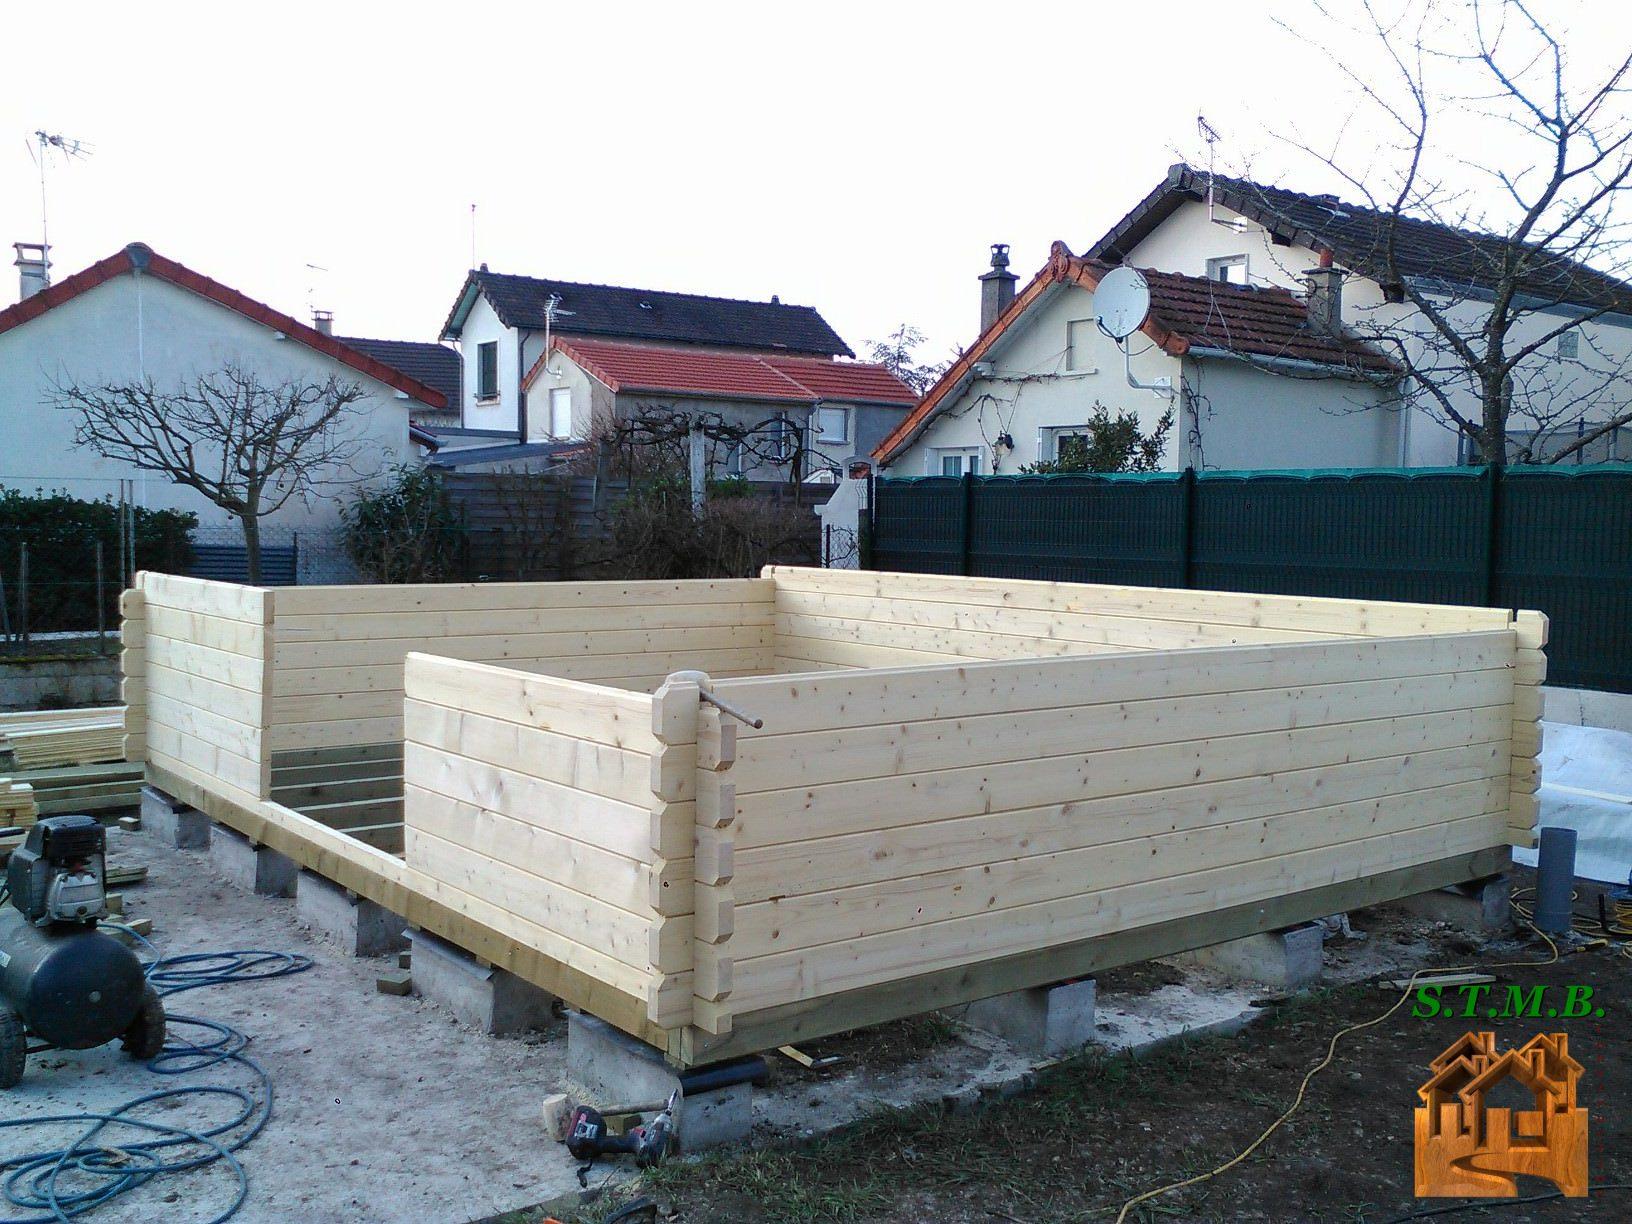 Comment Construire Sa Propre Cabane En Bois ? encequiconcerne Comment Construire Un Abri De Jardin